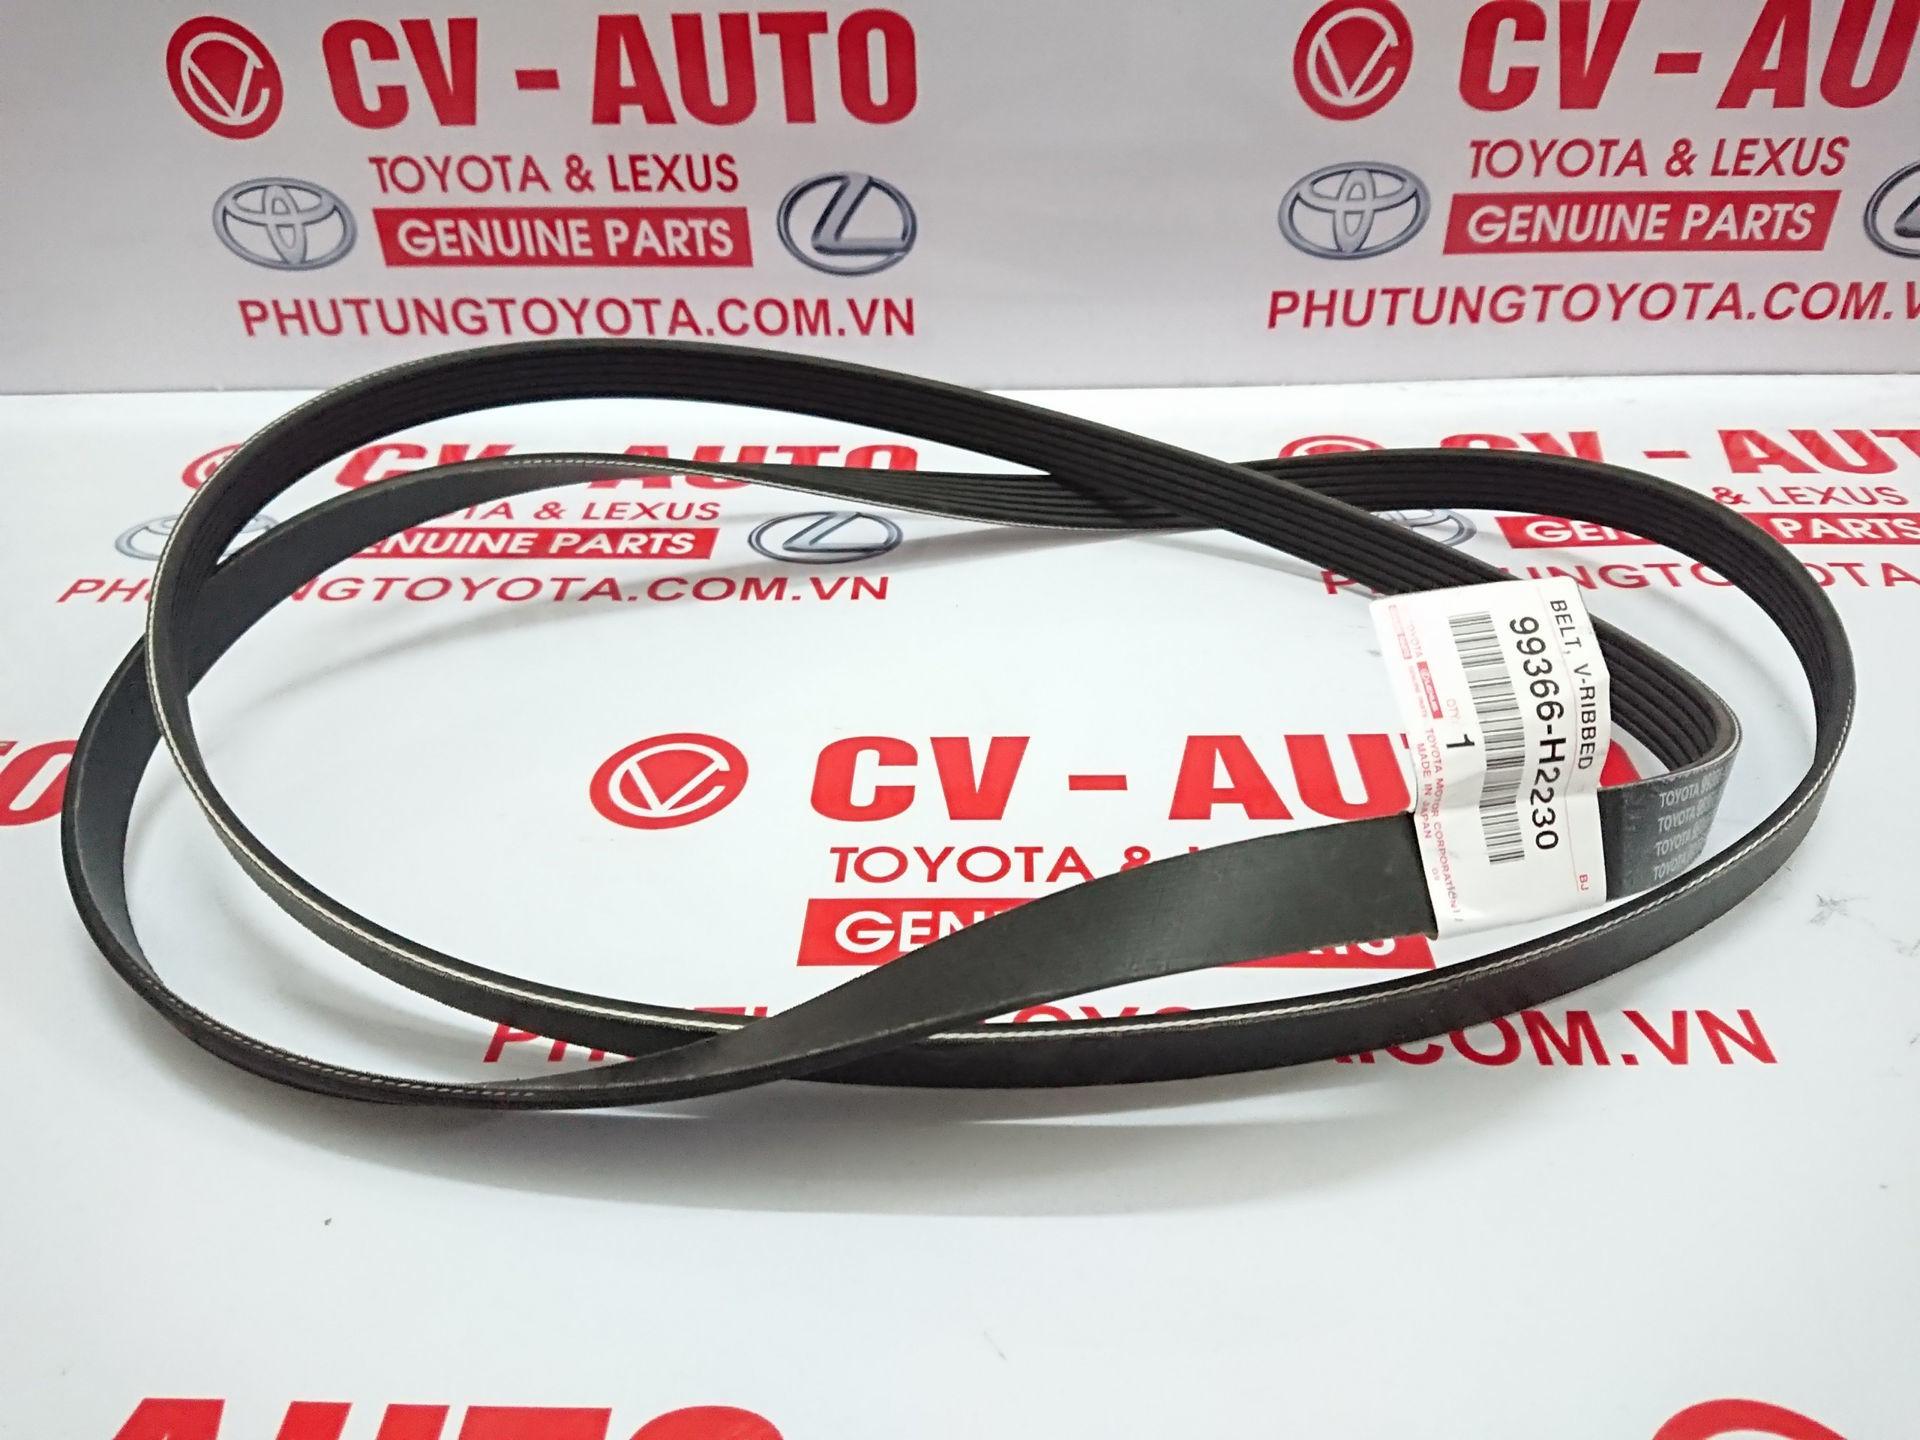 Picture of 99366-H2230 Dây curoa tổng 6PK2230 Toyota Land Cruiser 2UZ hàng chính hãng